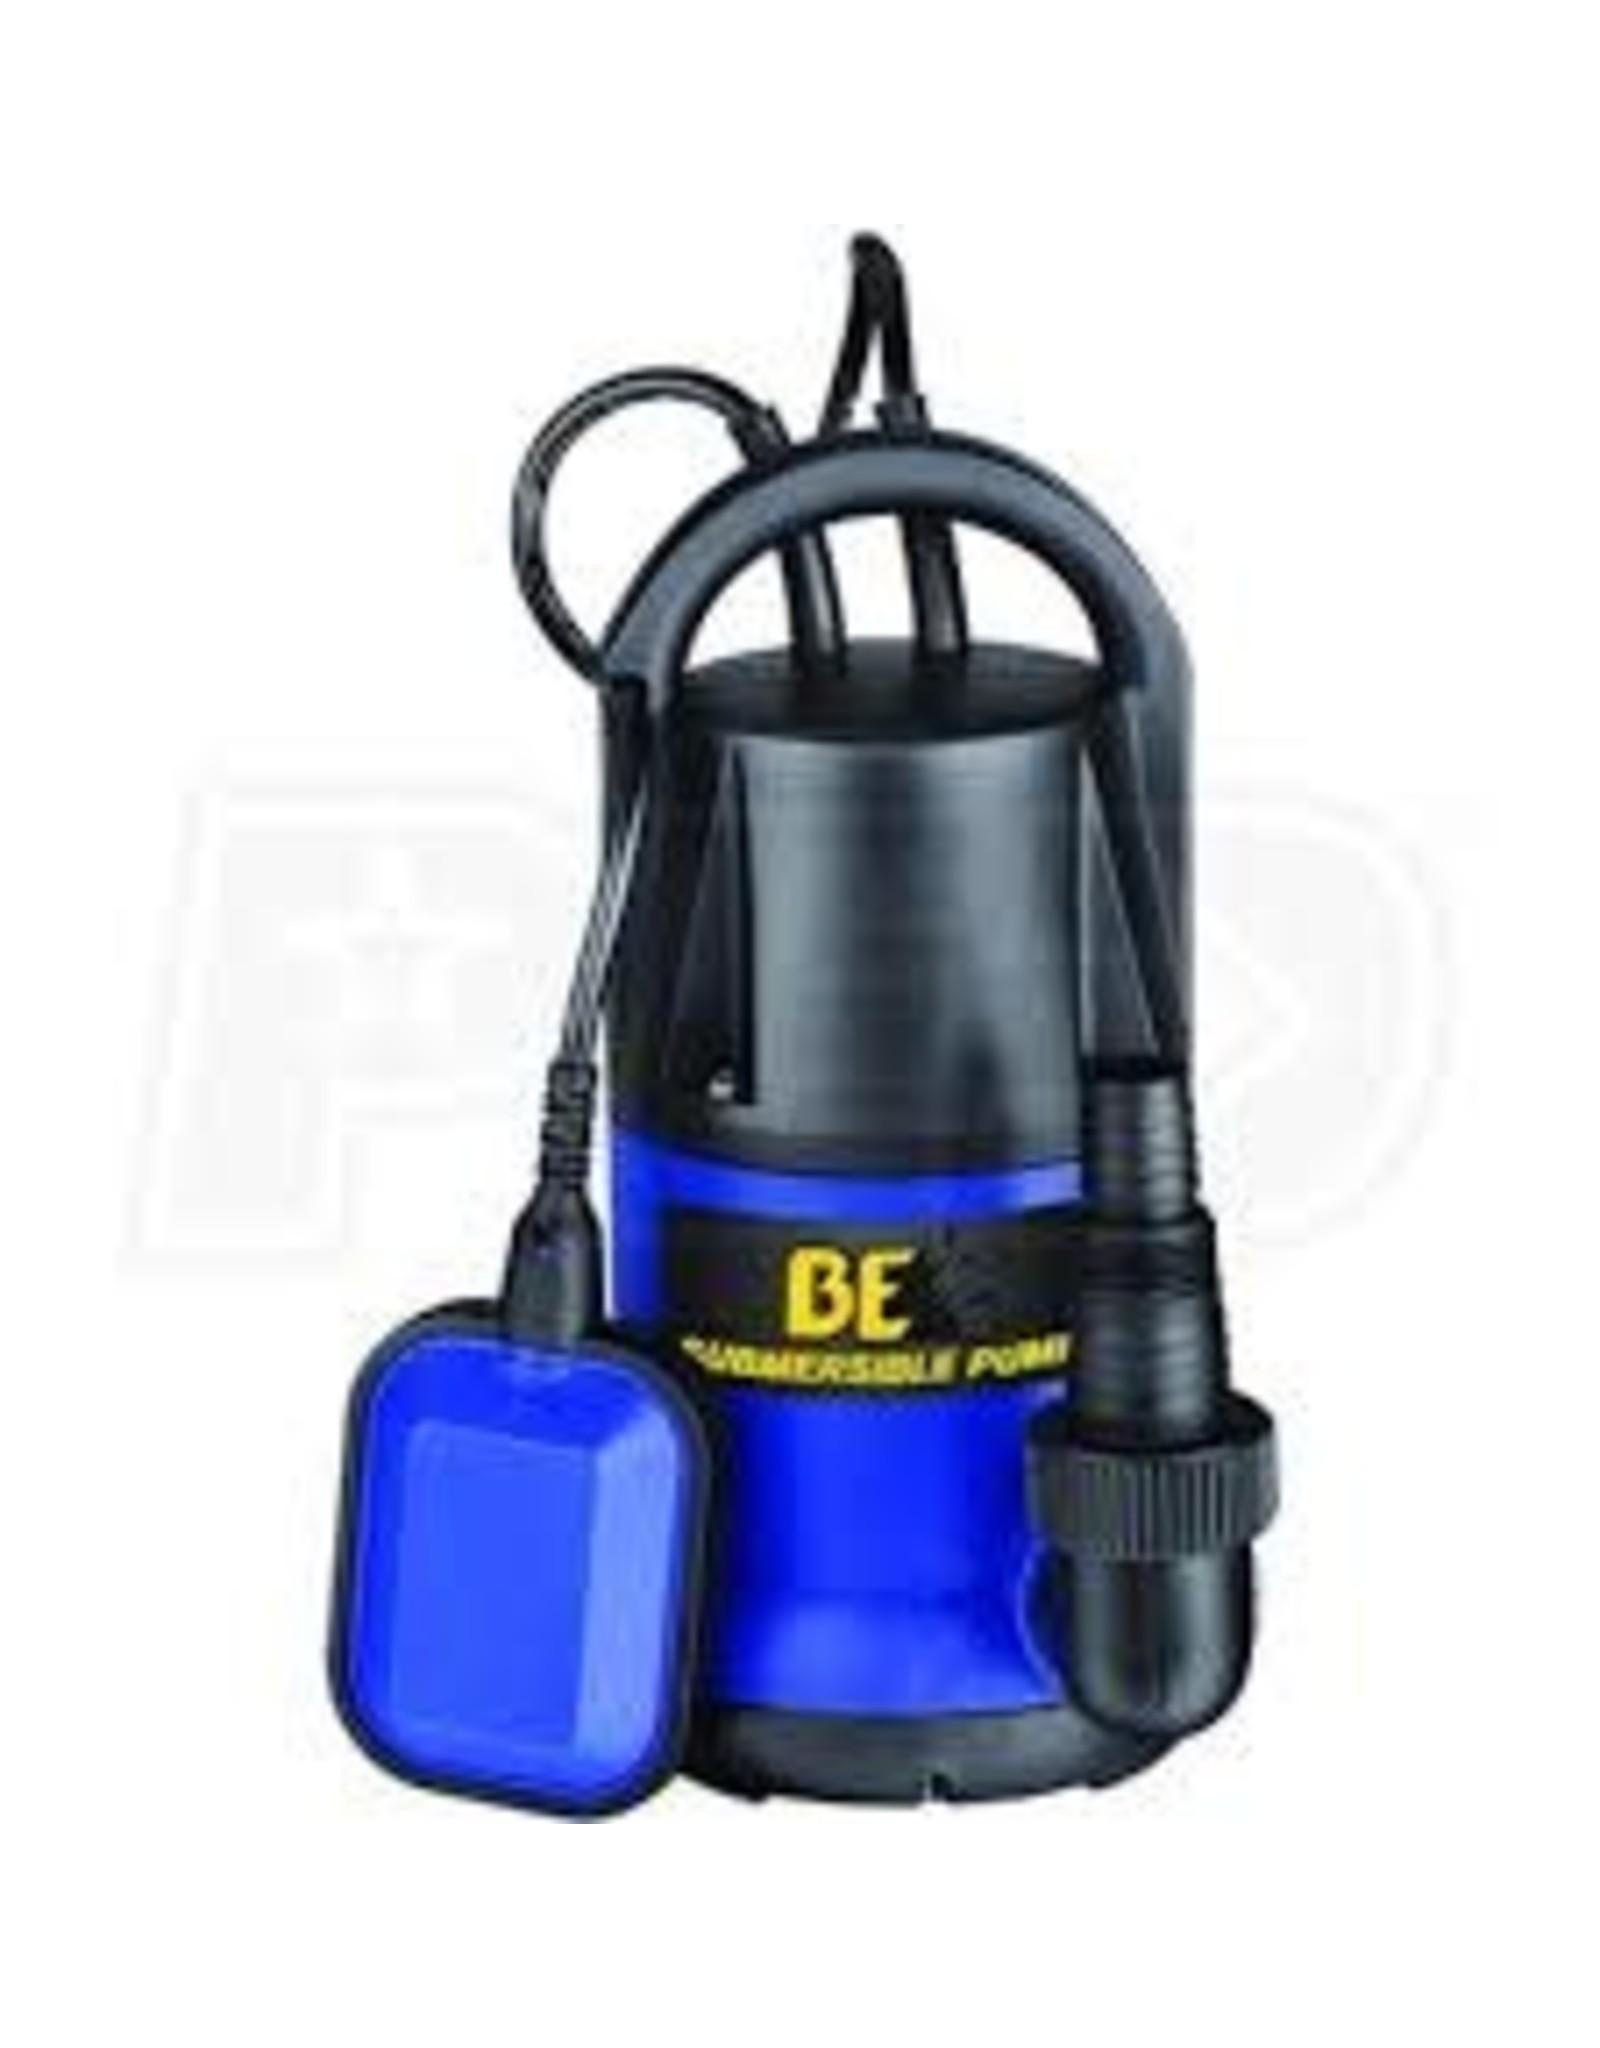 BE SP550SD Sump Pump